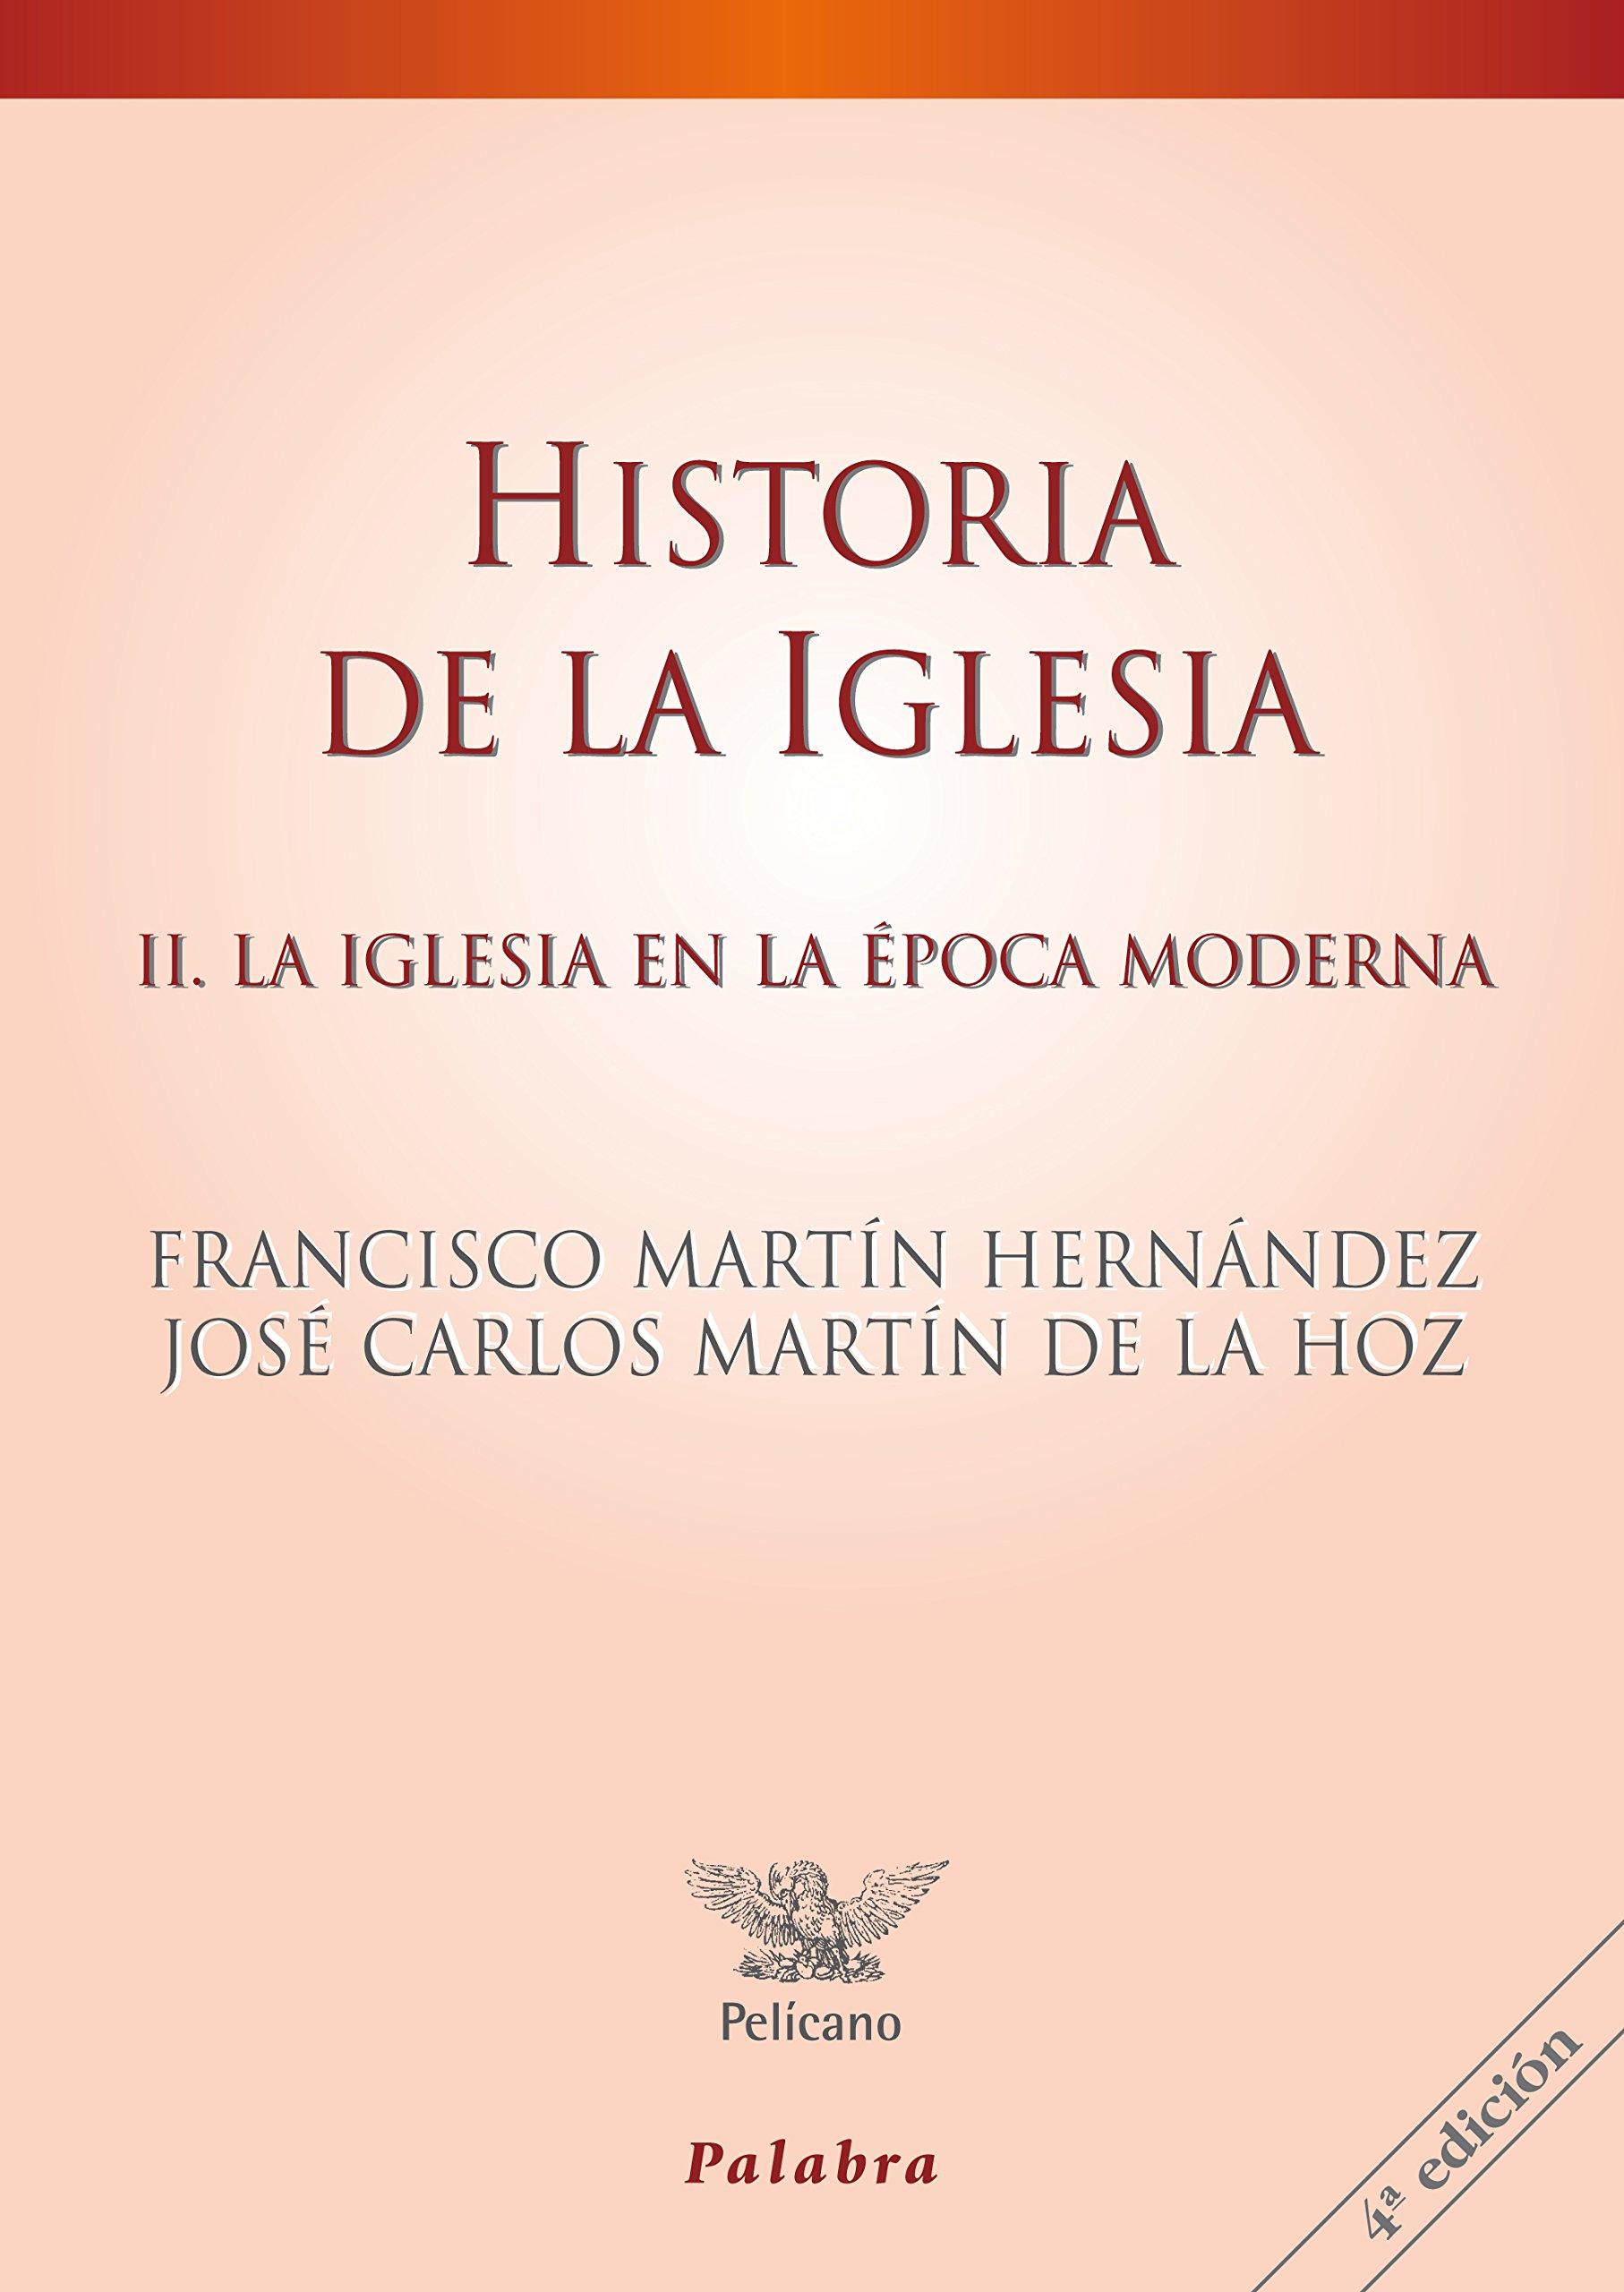 Hᆭ De La Iglesia. II nueva ed. Palabra: 2 Pelícano: Amazon.es: Martín Hernández, Francisco, Martín de la Hoz, José Carlos: Libros